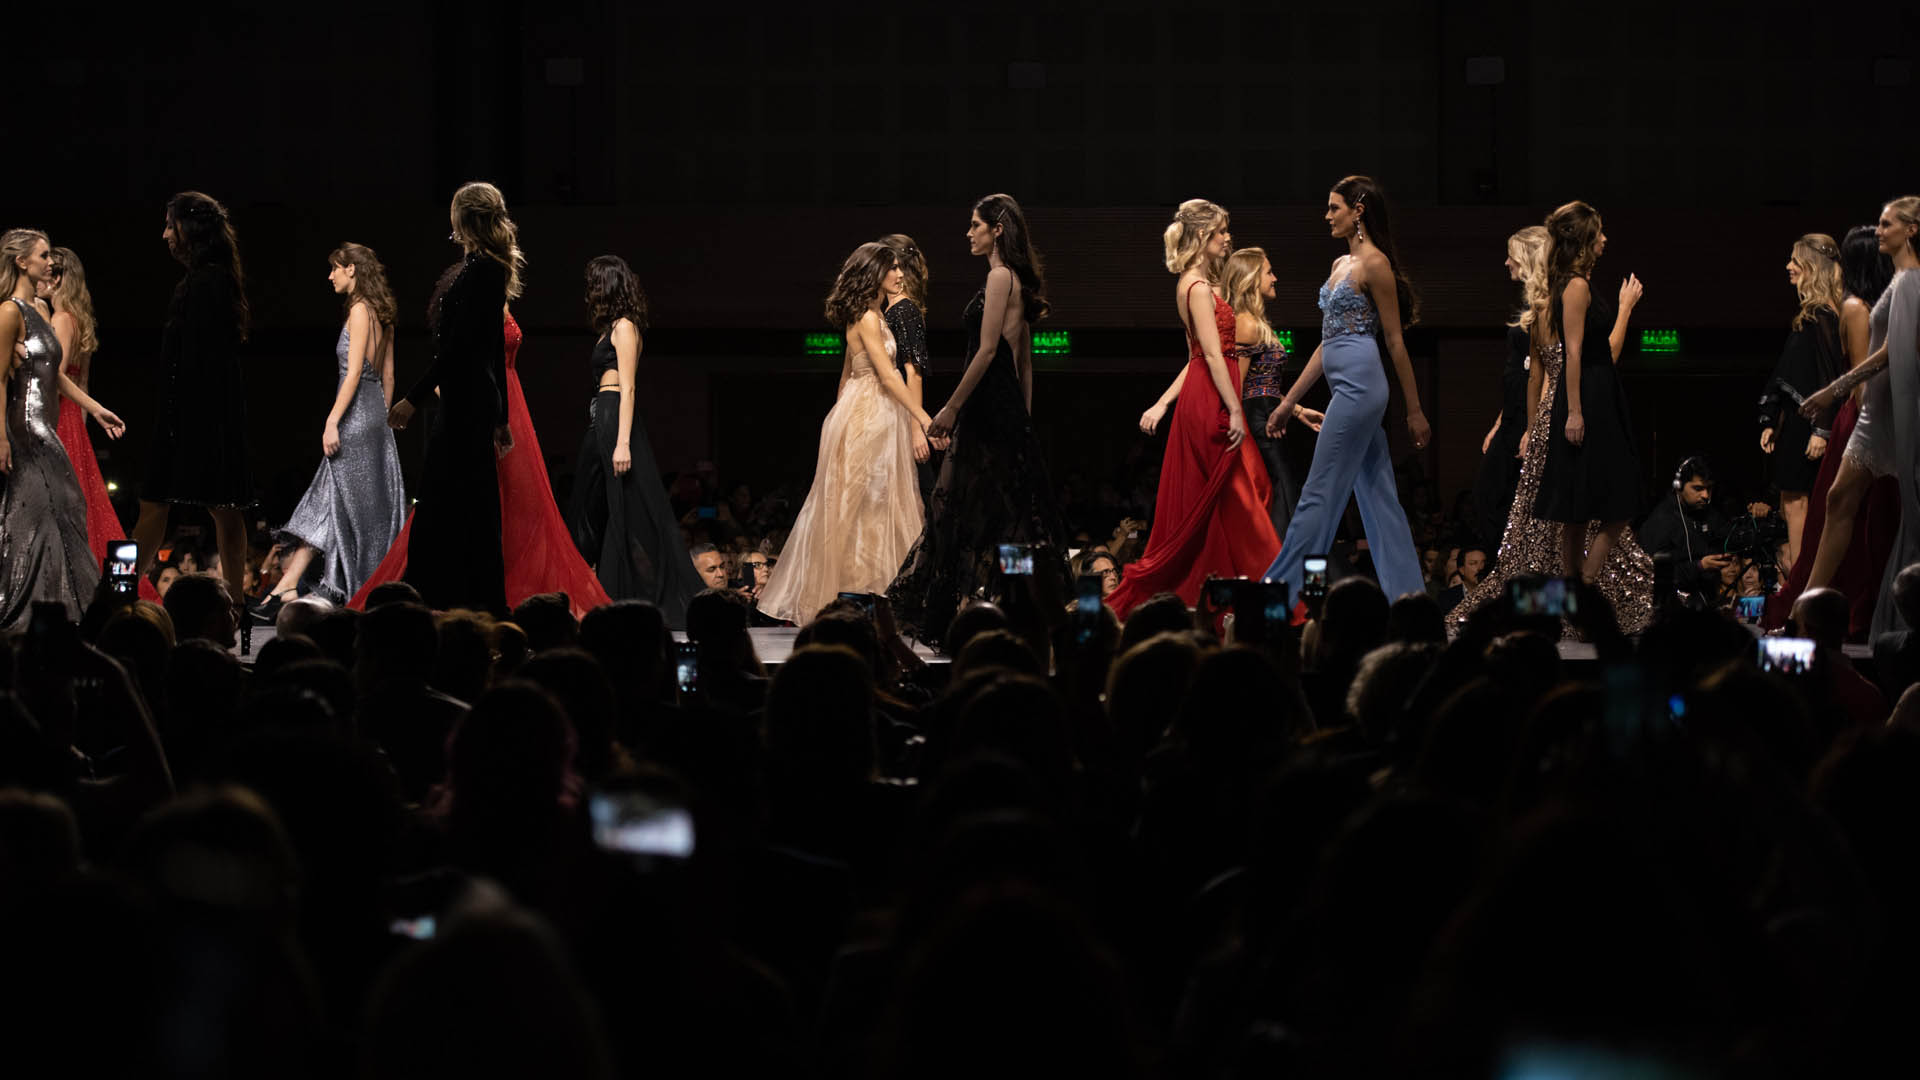 El Centro de Convenciones estuvo colmada de público y belleza que se vistió de fiesta con la llegada del desfile más esperado del mundo de la moda y del coiffure: Silkey Mundial en el Salón Internacional Moda & Coiffure 2019